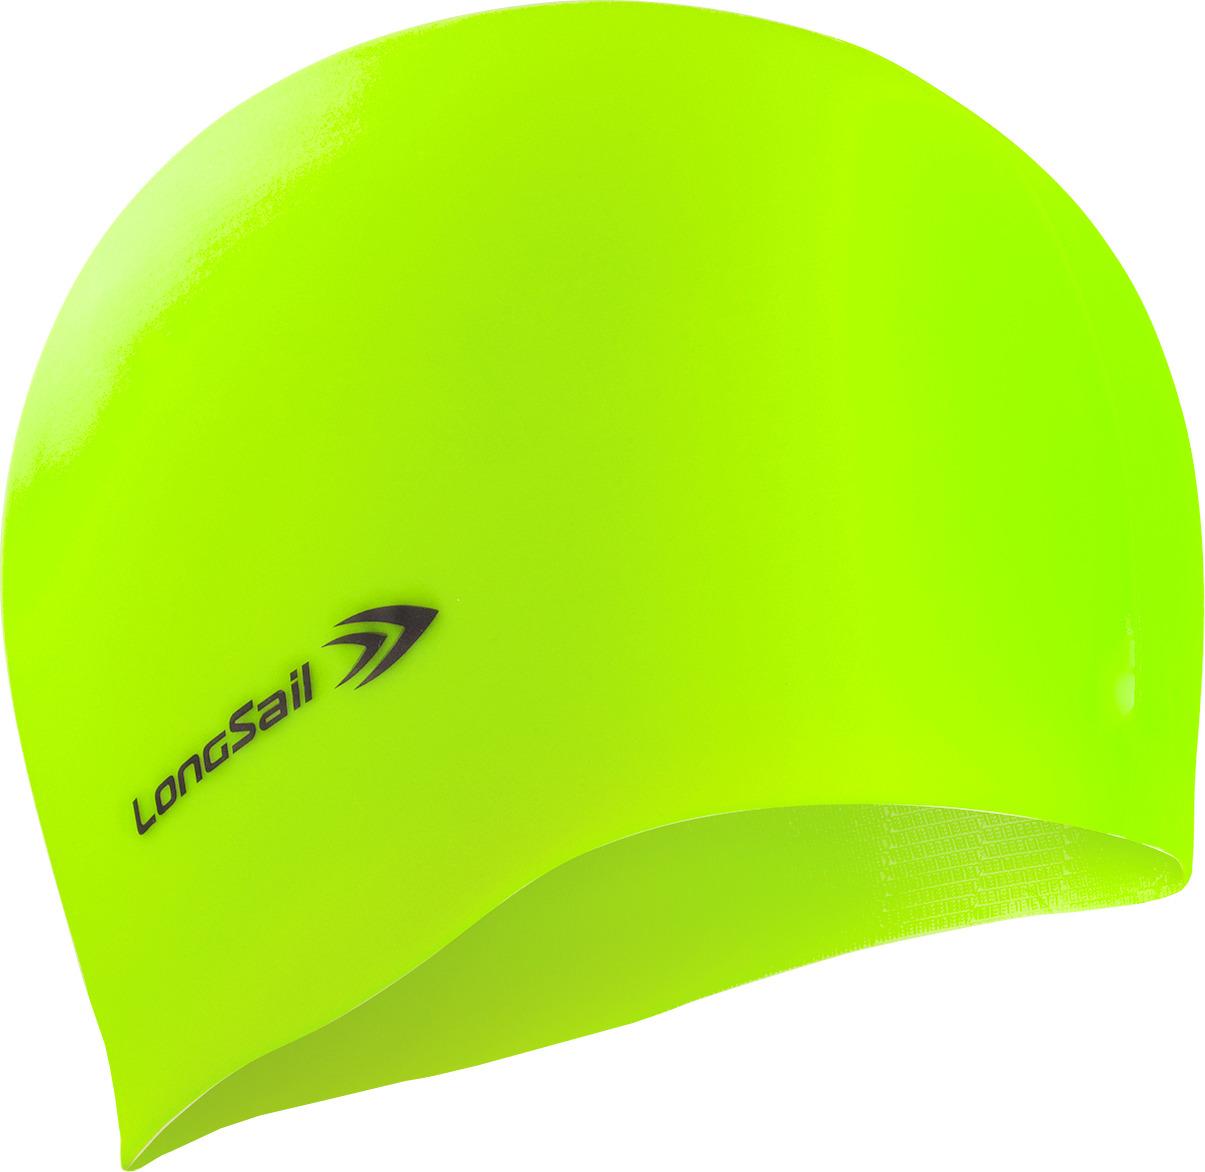 Шапочка для плавания LongSail, цвет: зеленый. 1/240 рио выигрывает toswim созвездие шапочки для плавания шапочки для плавания ts61401246 персонализированных тенденций моды плавания весов